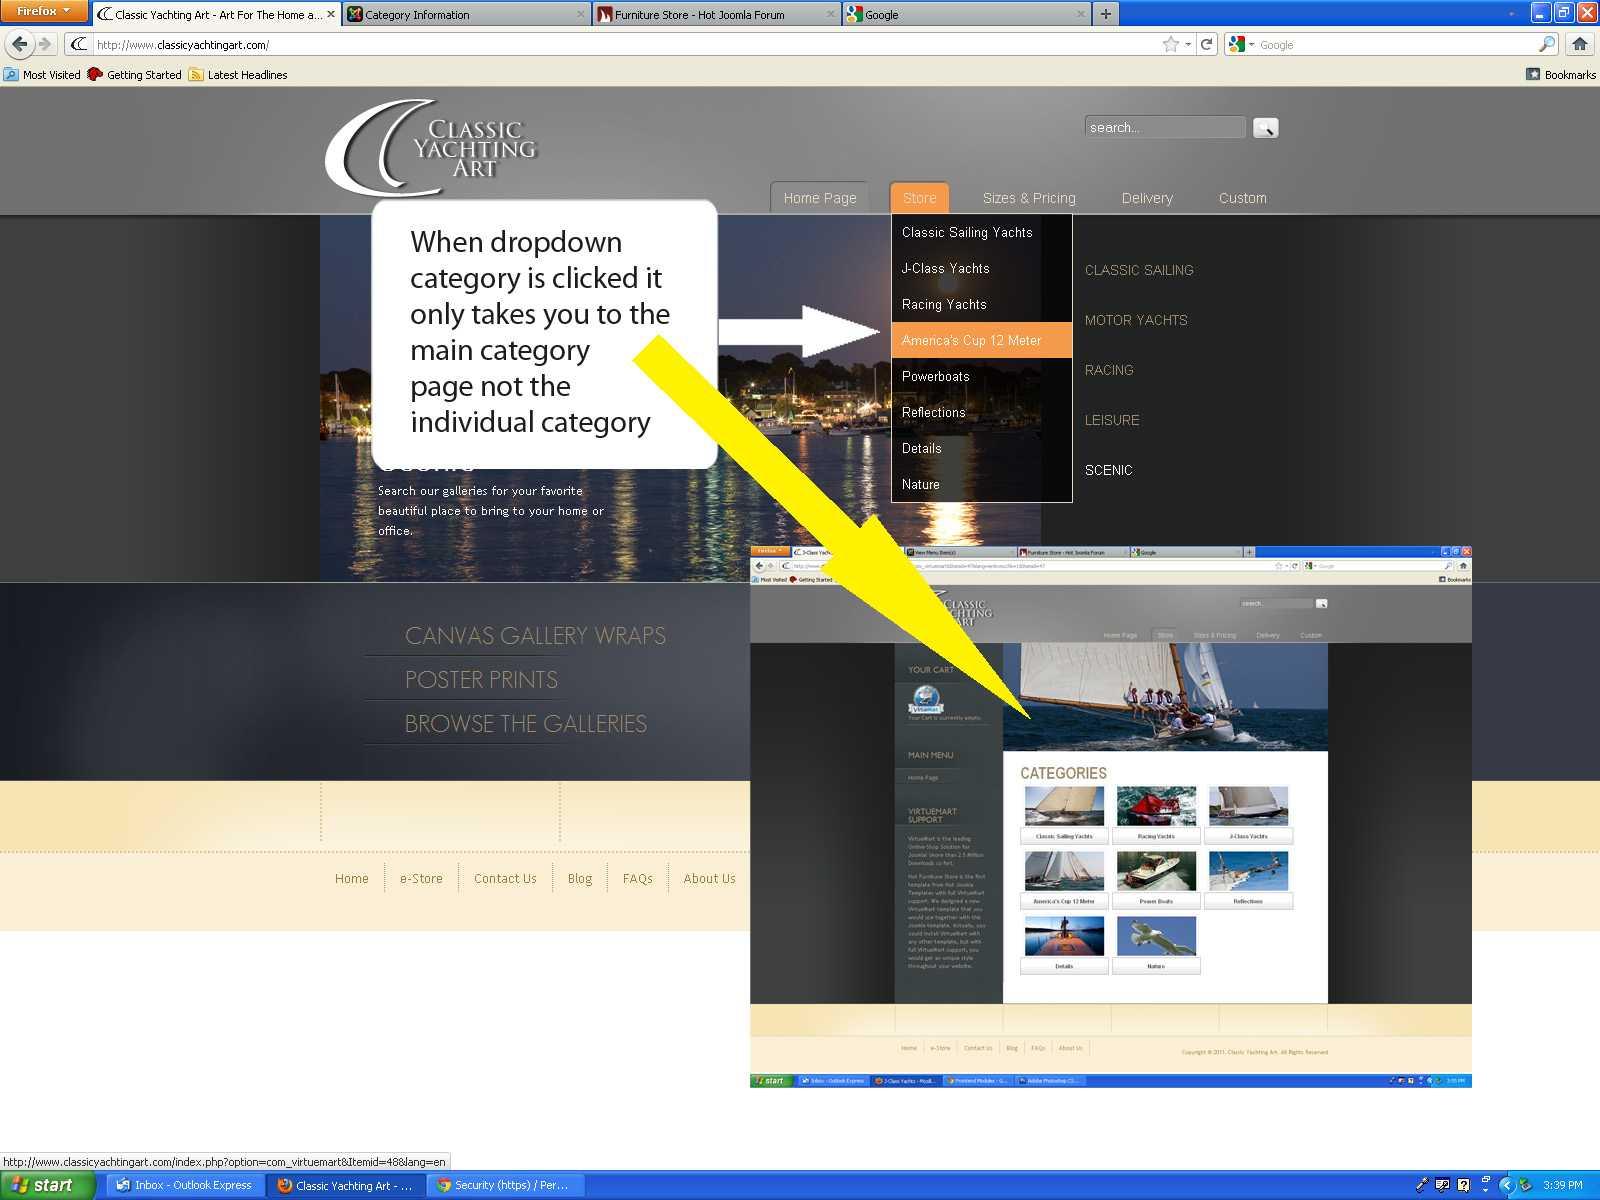 Home_Page_storecategorycopy.jpg